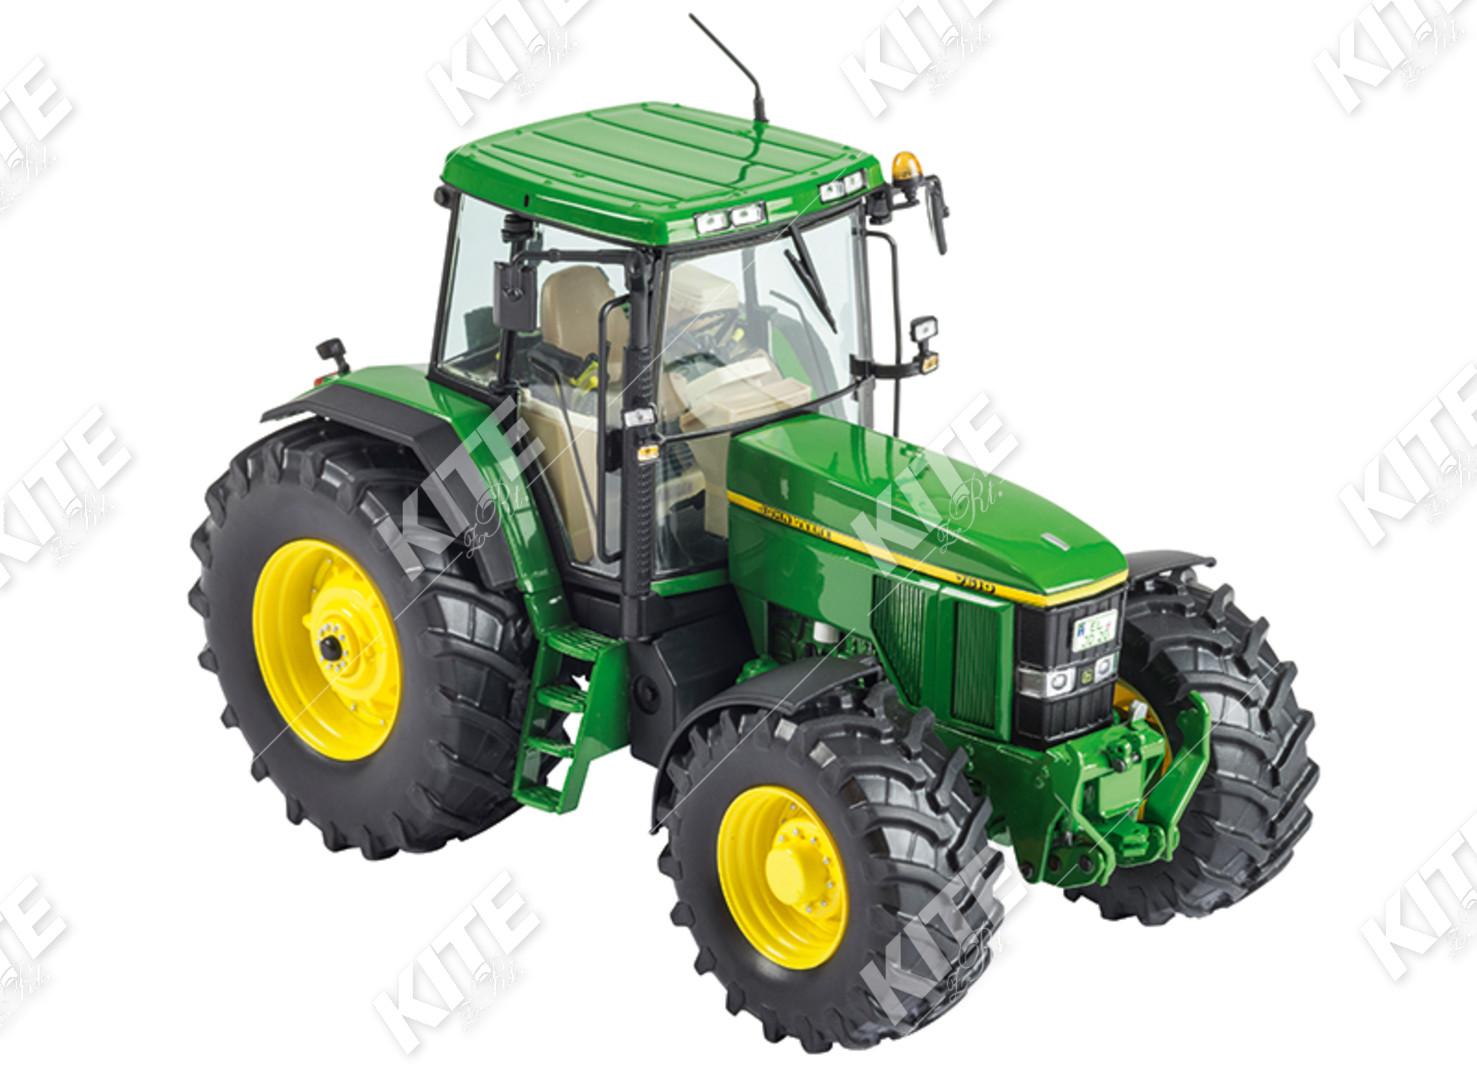 John Deere 7610 traktor makett